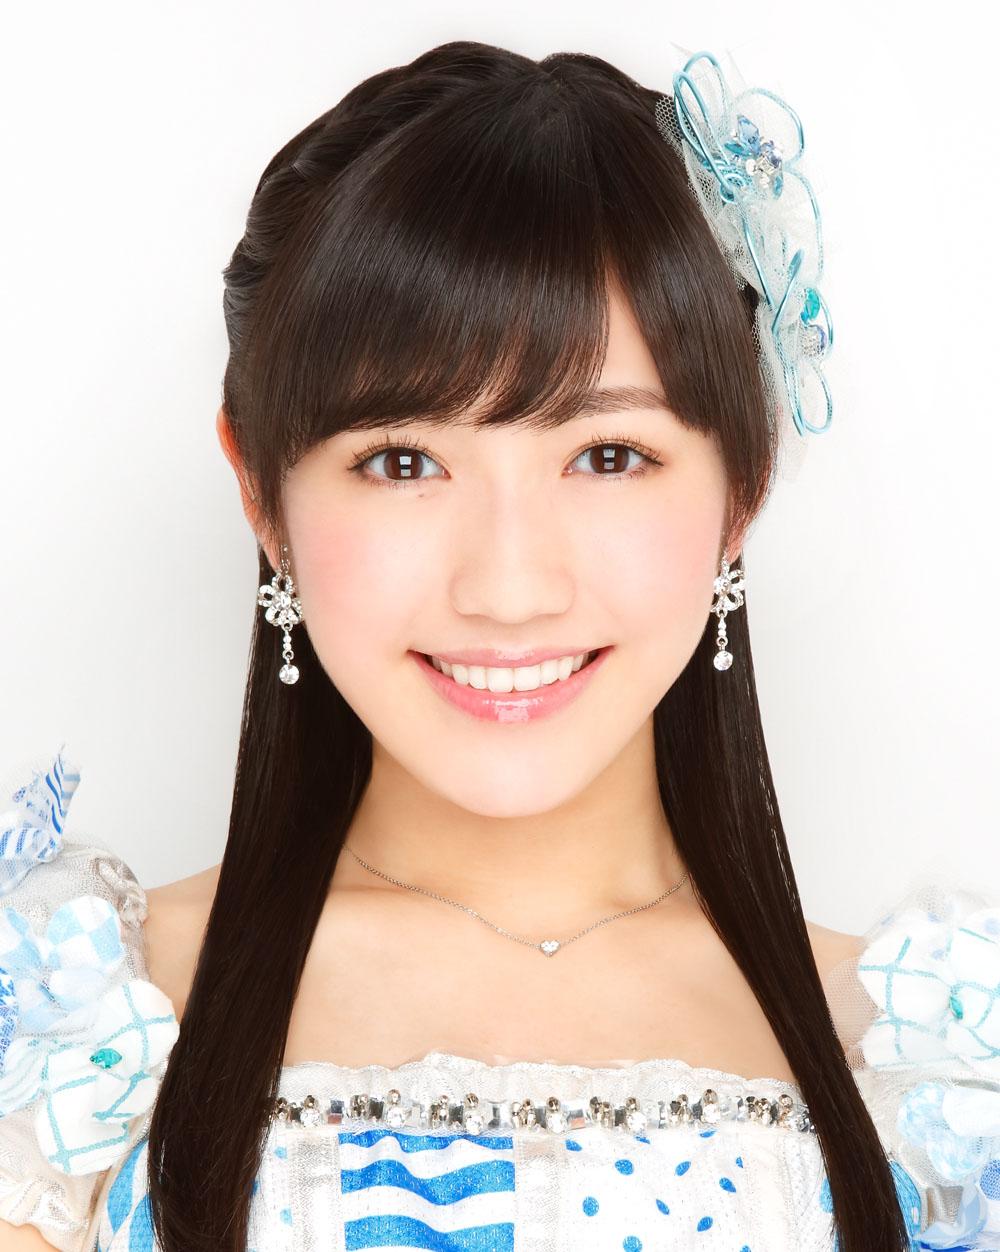 メイクによって変化する?!AKB48まゆゆの眉毛の七変化!のサムネイル画像